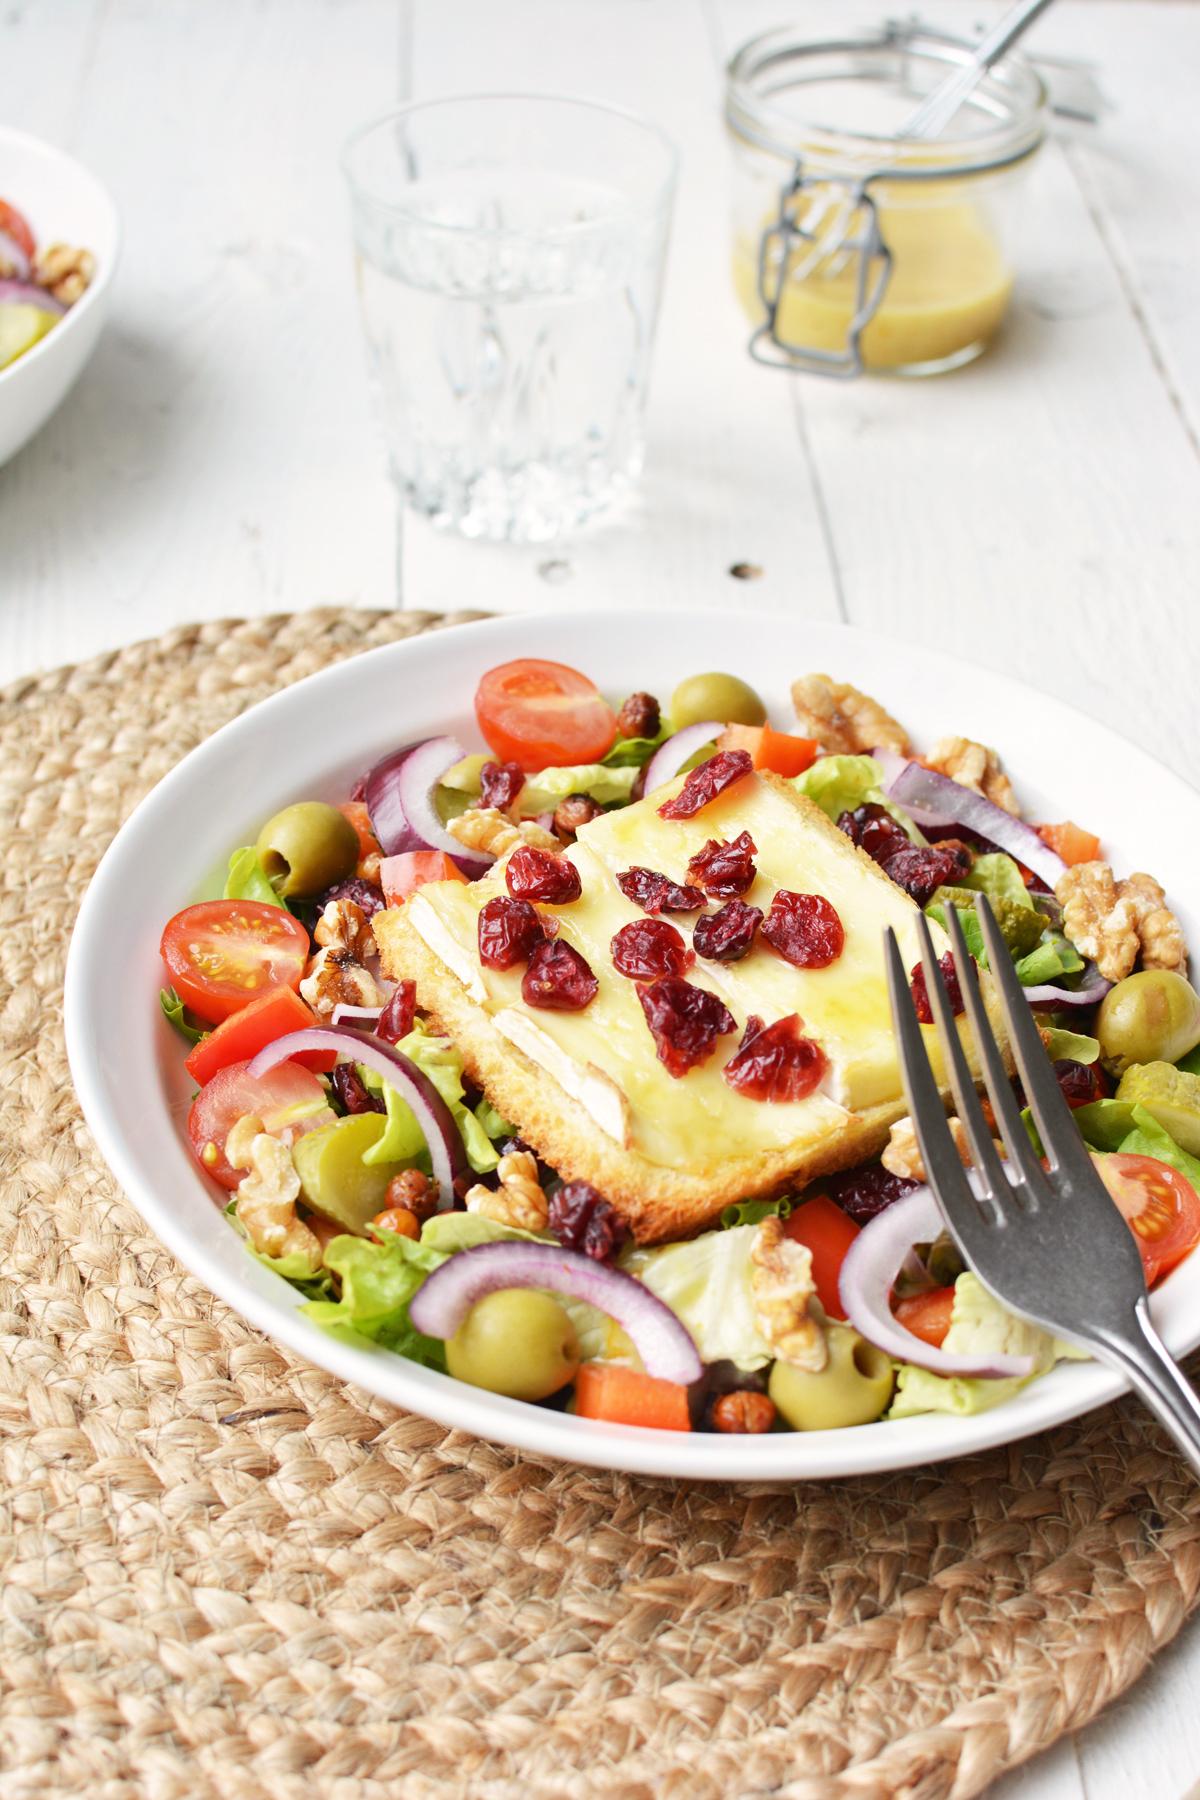 Salade met brie crouton 9 warmer